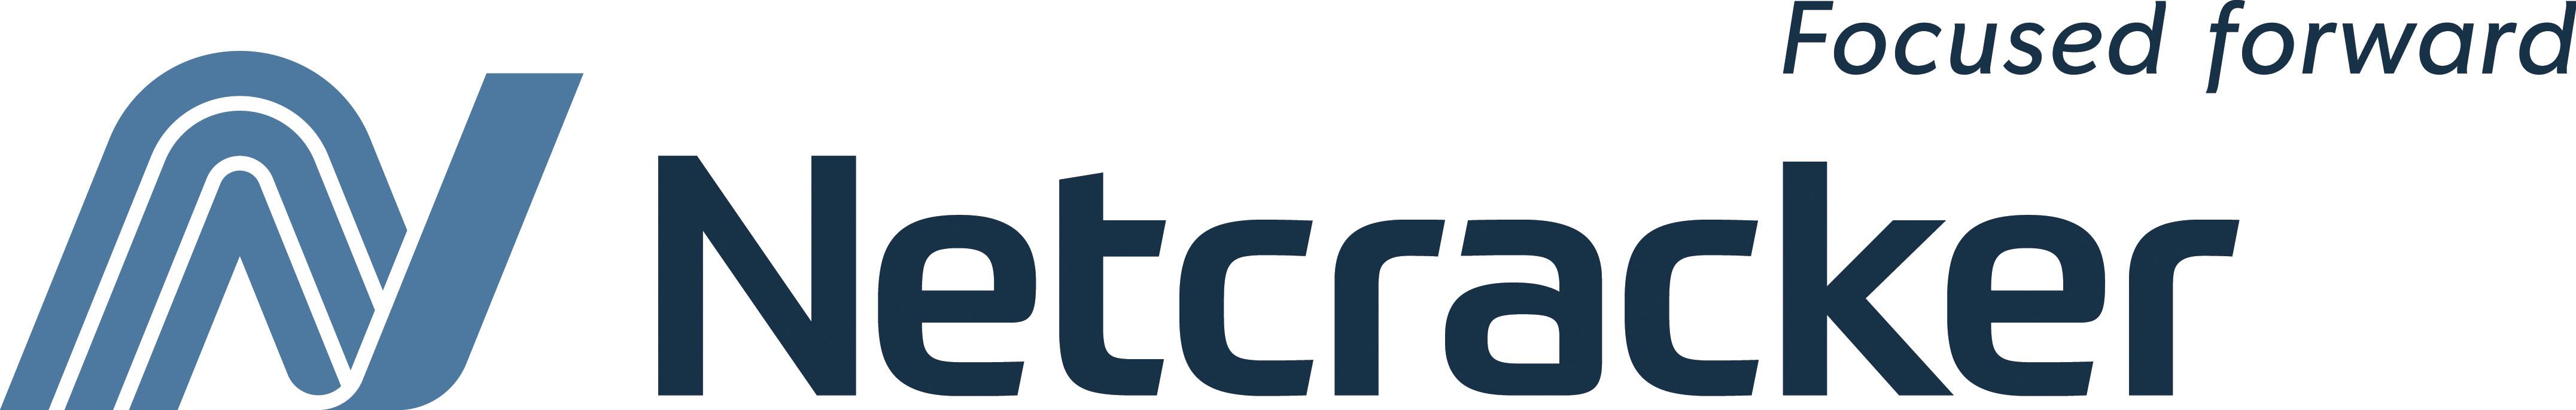 Group Vivendi Africa implementa Netcracker OSS para mejorar la ...